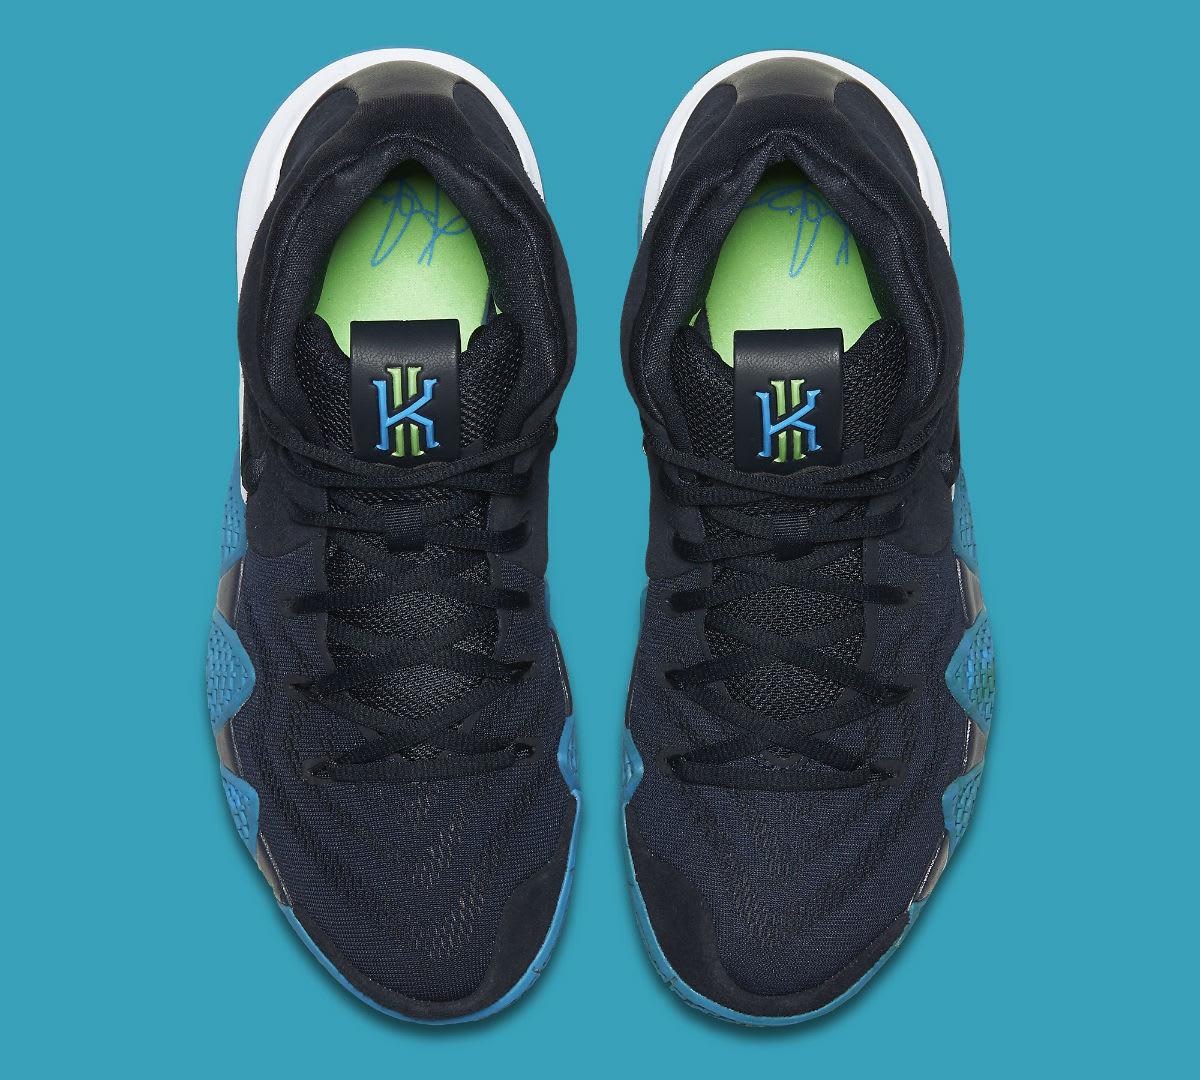 Nike Kyrie 4 Dark Obsidian Release Date 943806-401 Top